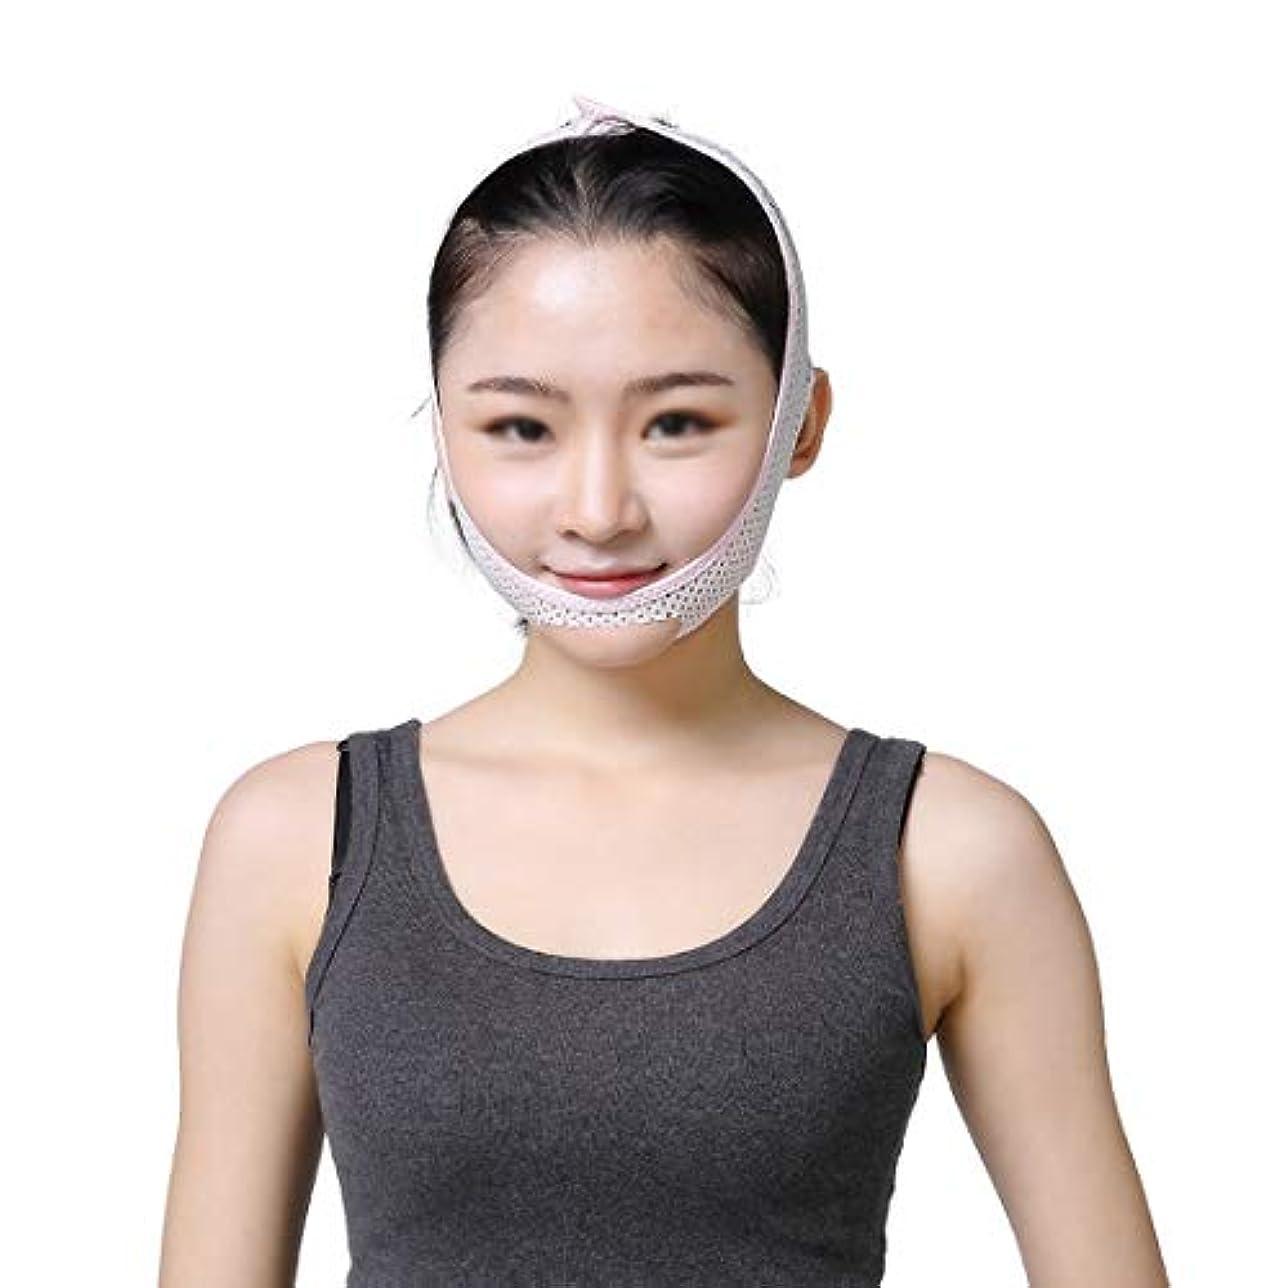 マーベルむさぼり食う骨の折れるZWBD フェイスマスク, 薄い顔包帯美容機器持ち上がる引き締めダブルチン判決V顔の引き締め痩身包帯引き締めフェイシャルマッサージ (Size : L)